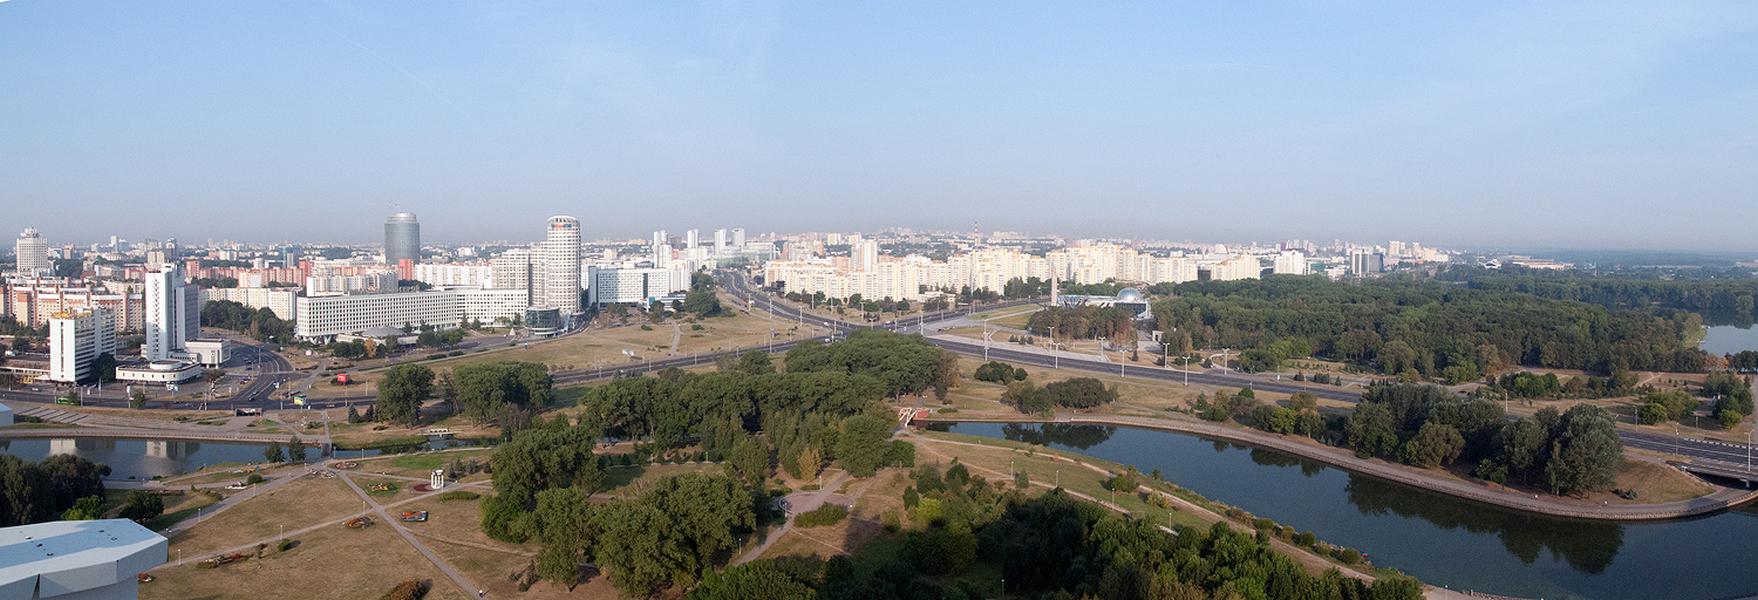 Minsk from above, Belarus